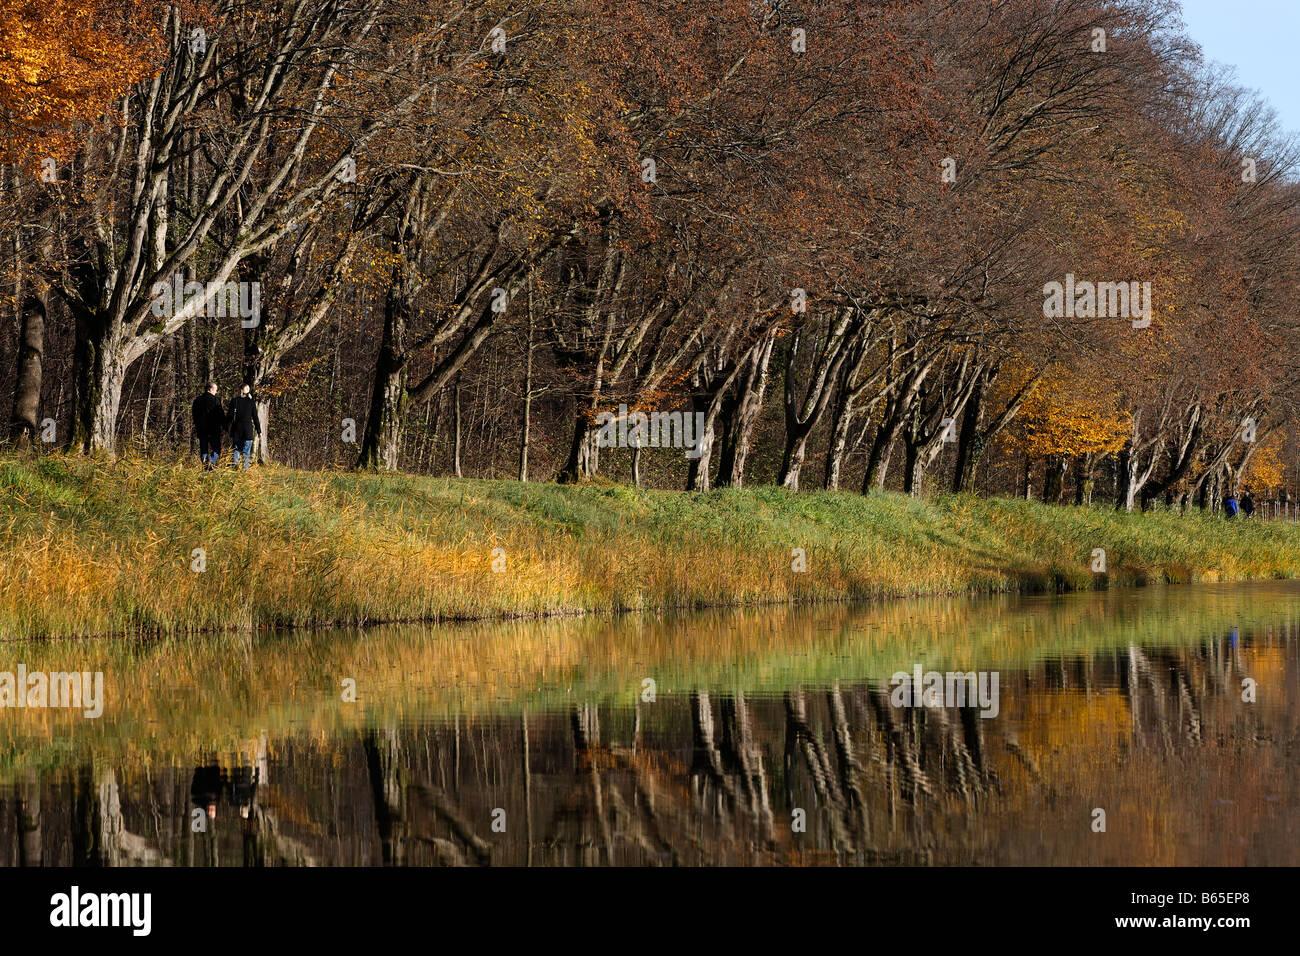 Hornbeam trees (Carpinus betulus) reflecting in water, Herreninsel island, lake Chiemsee, Chiemgau, Upper Bavaria, Stock Photo